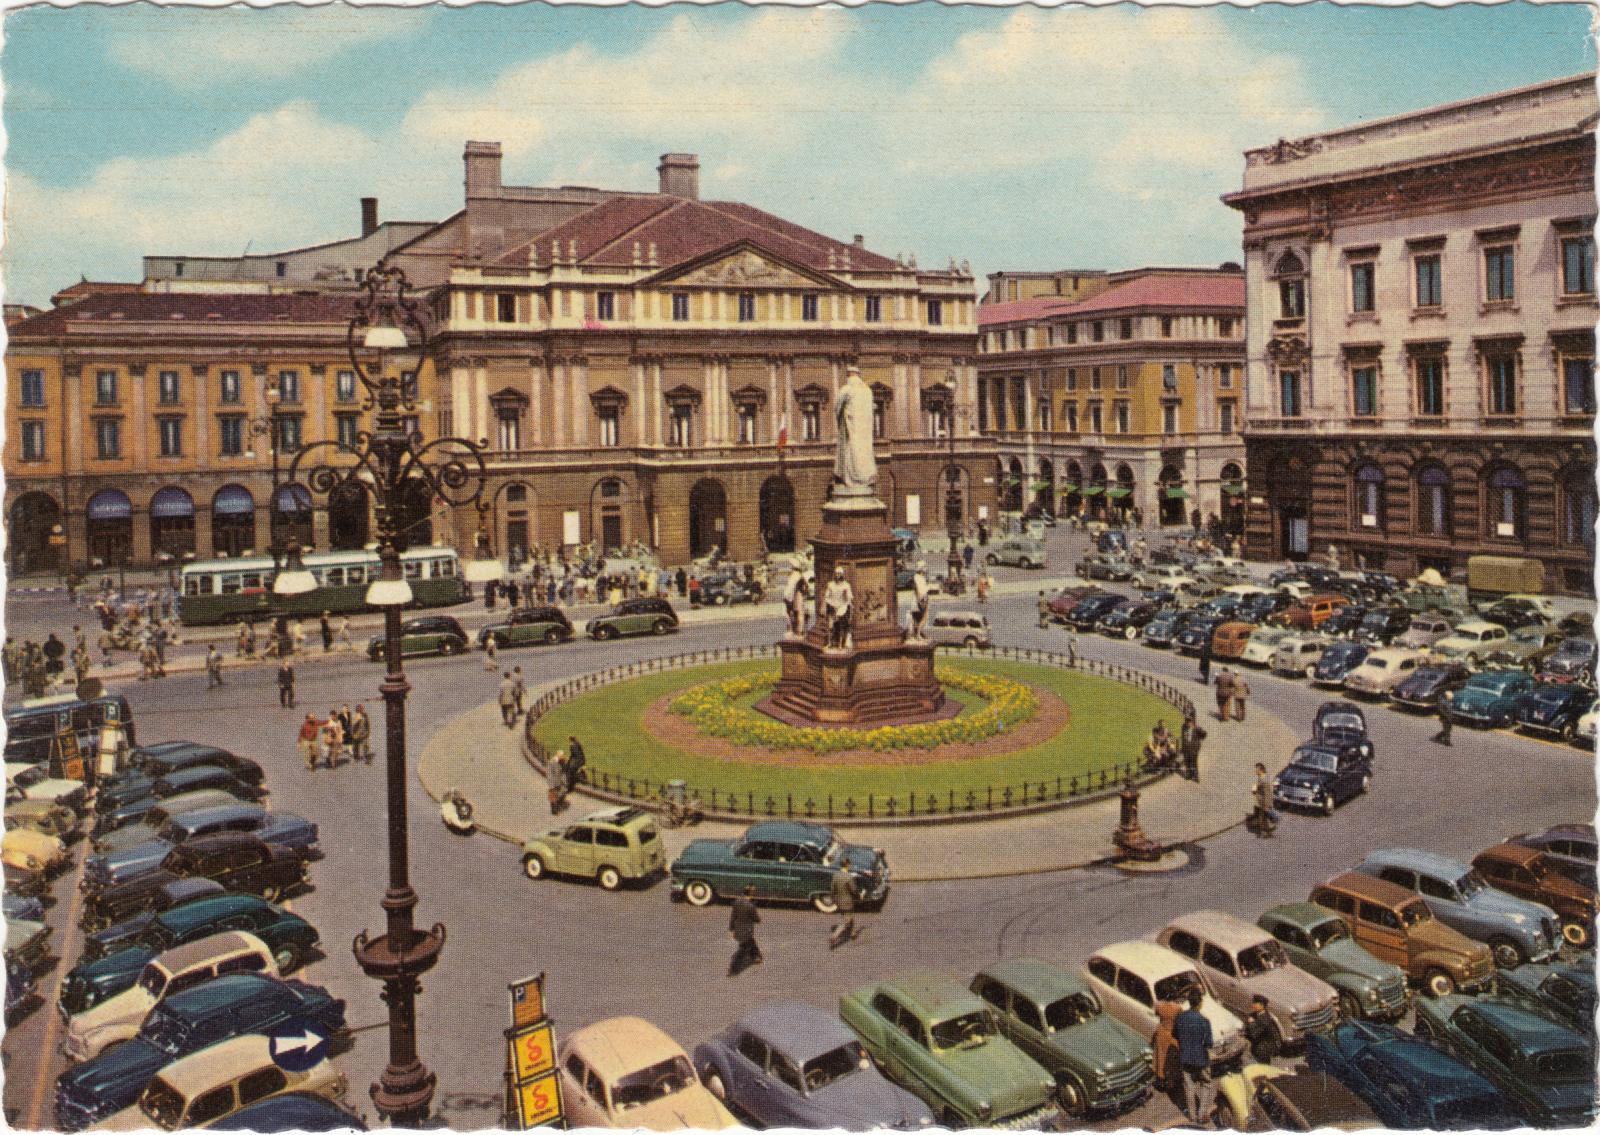 OldPostcards_0095.jpg